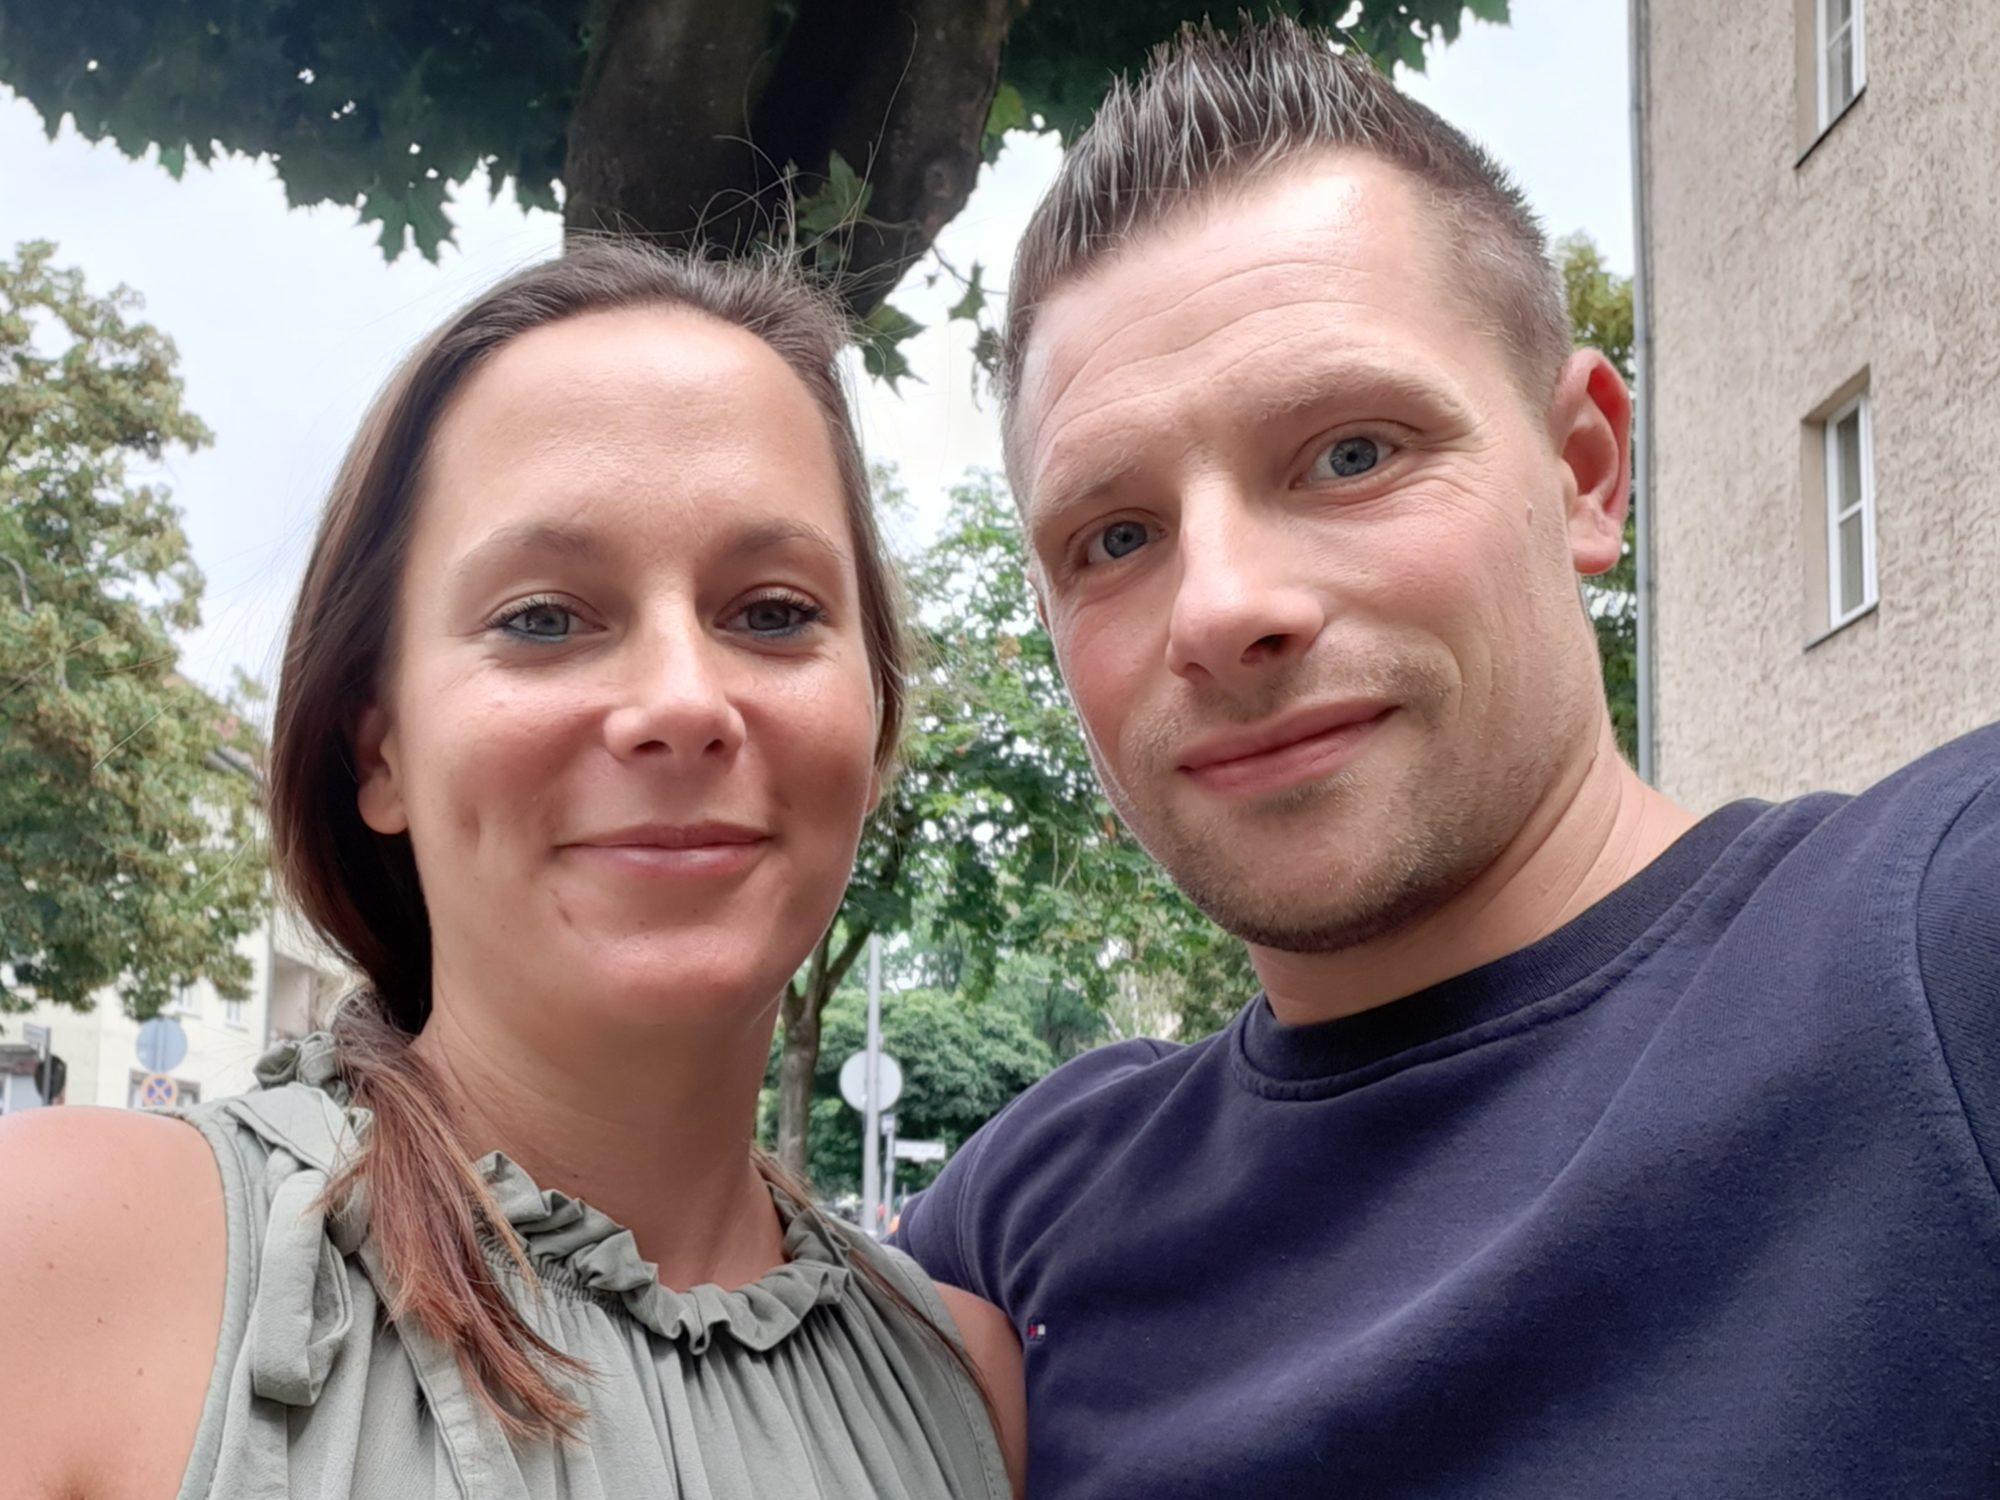 Yvonne Grabow auf der linken Seite und Marco Noack lächeln für ein Selfie in die Kamera.